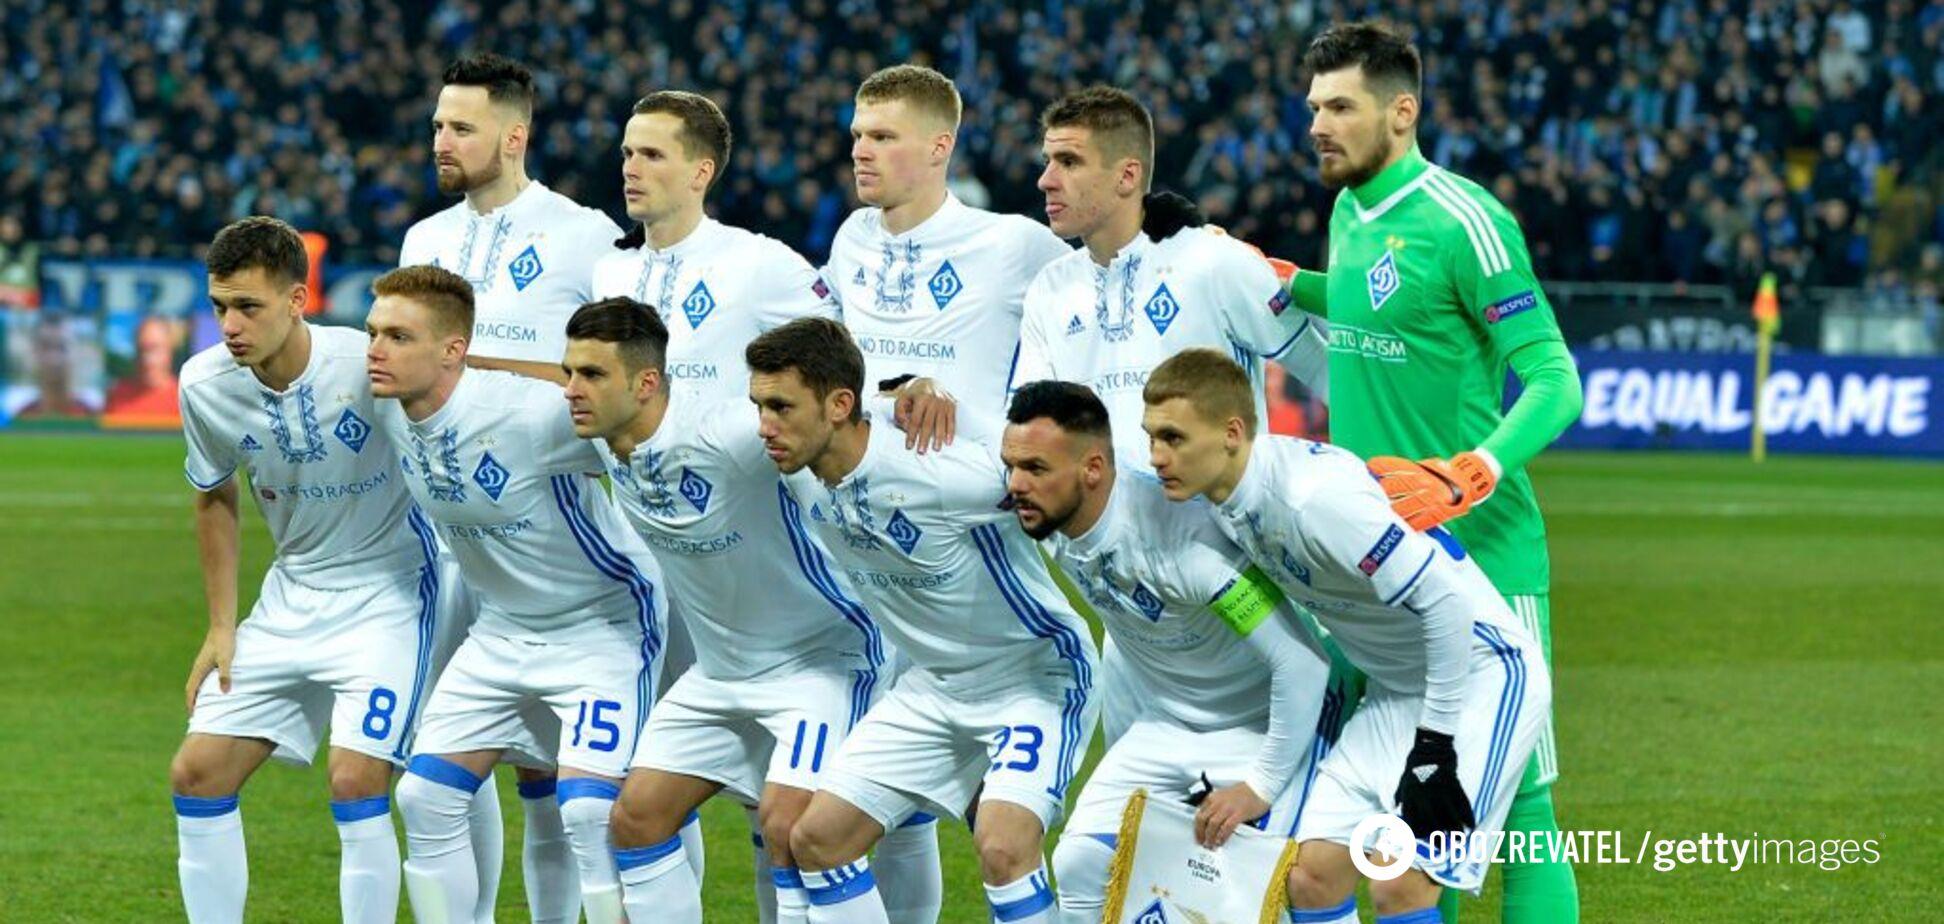 Олимпиакос – Динамо: последние новости перед матчем 1/16 финала Лиги Европы